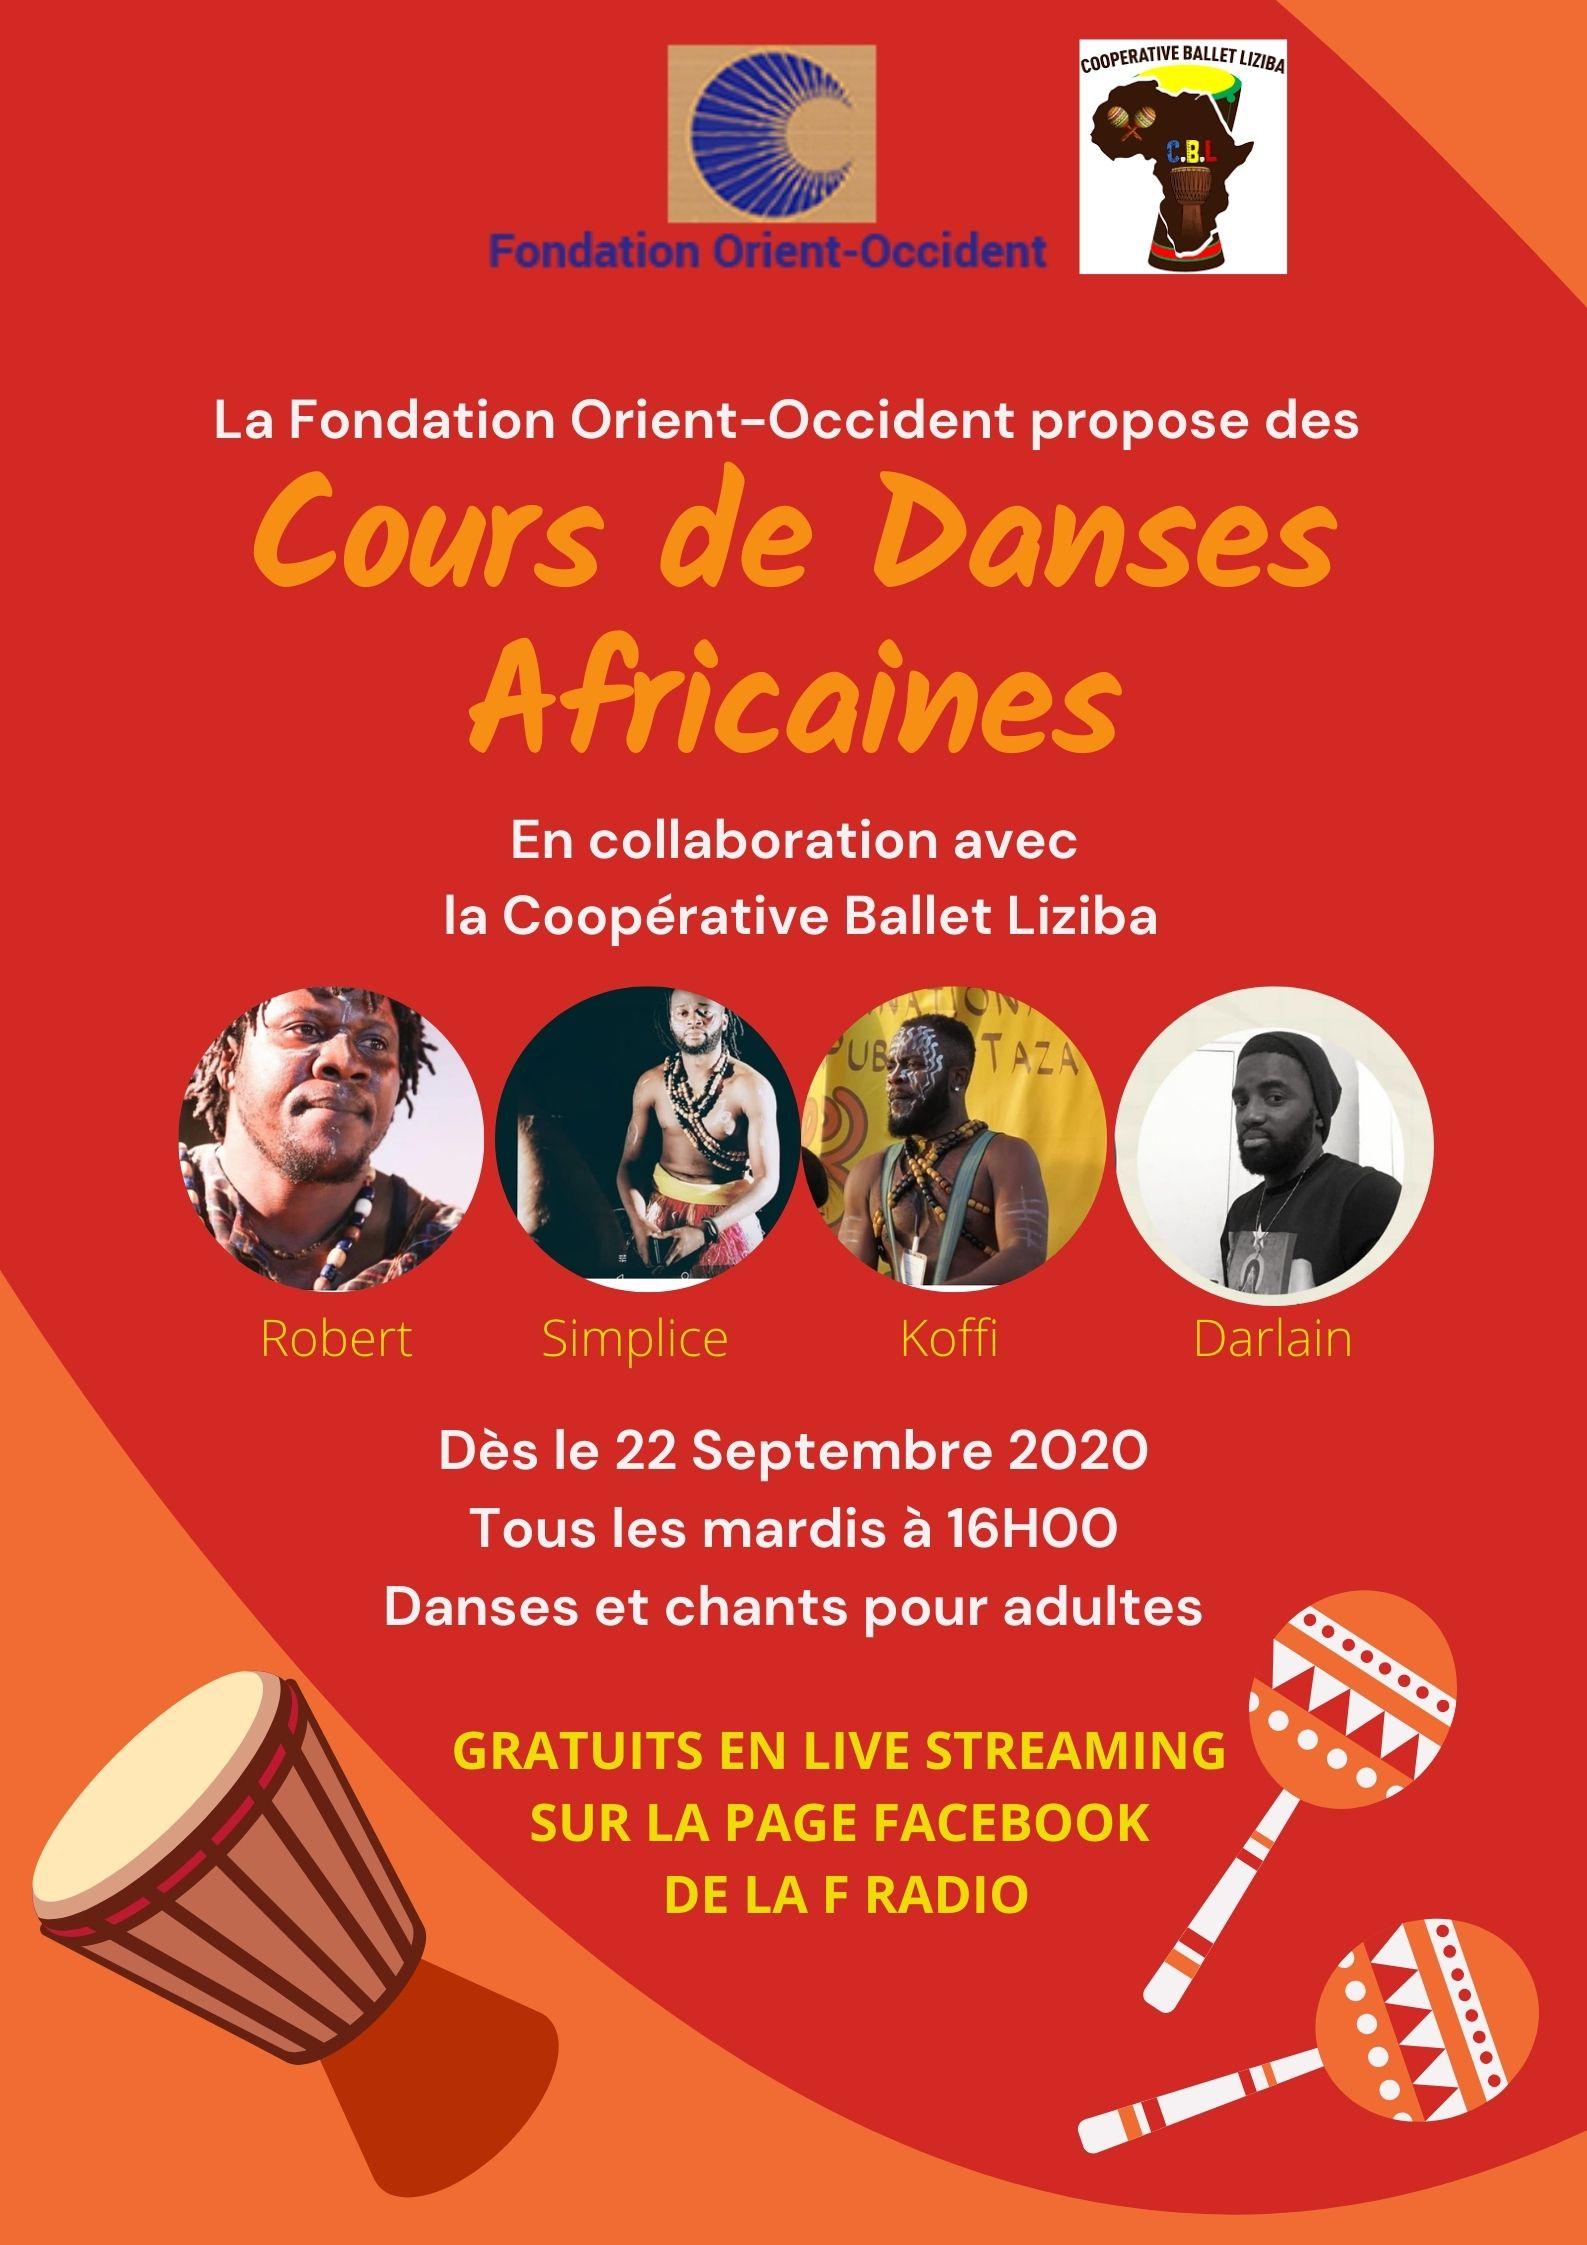 Cours de danse africaine à la Fondation Orient-Occident en collaboration avec la Coopérative Ballet Liziba